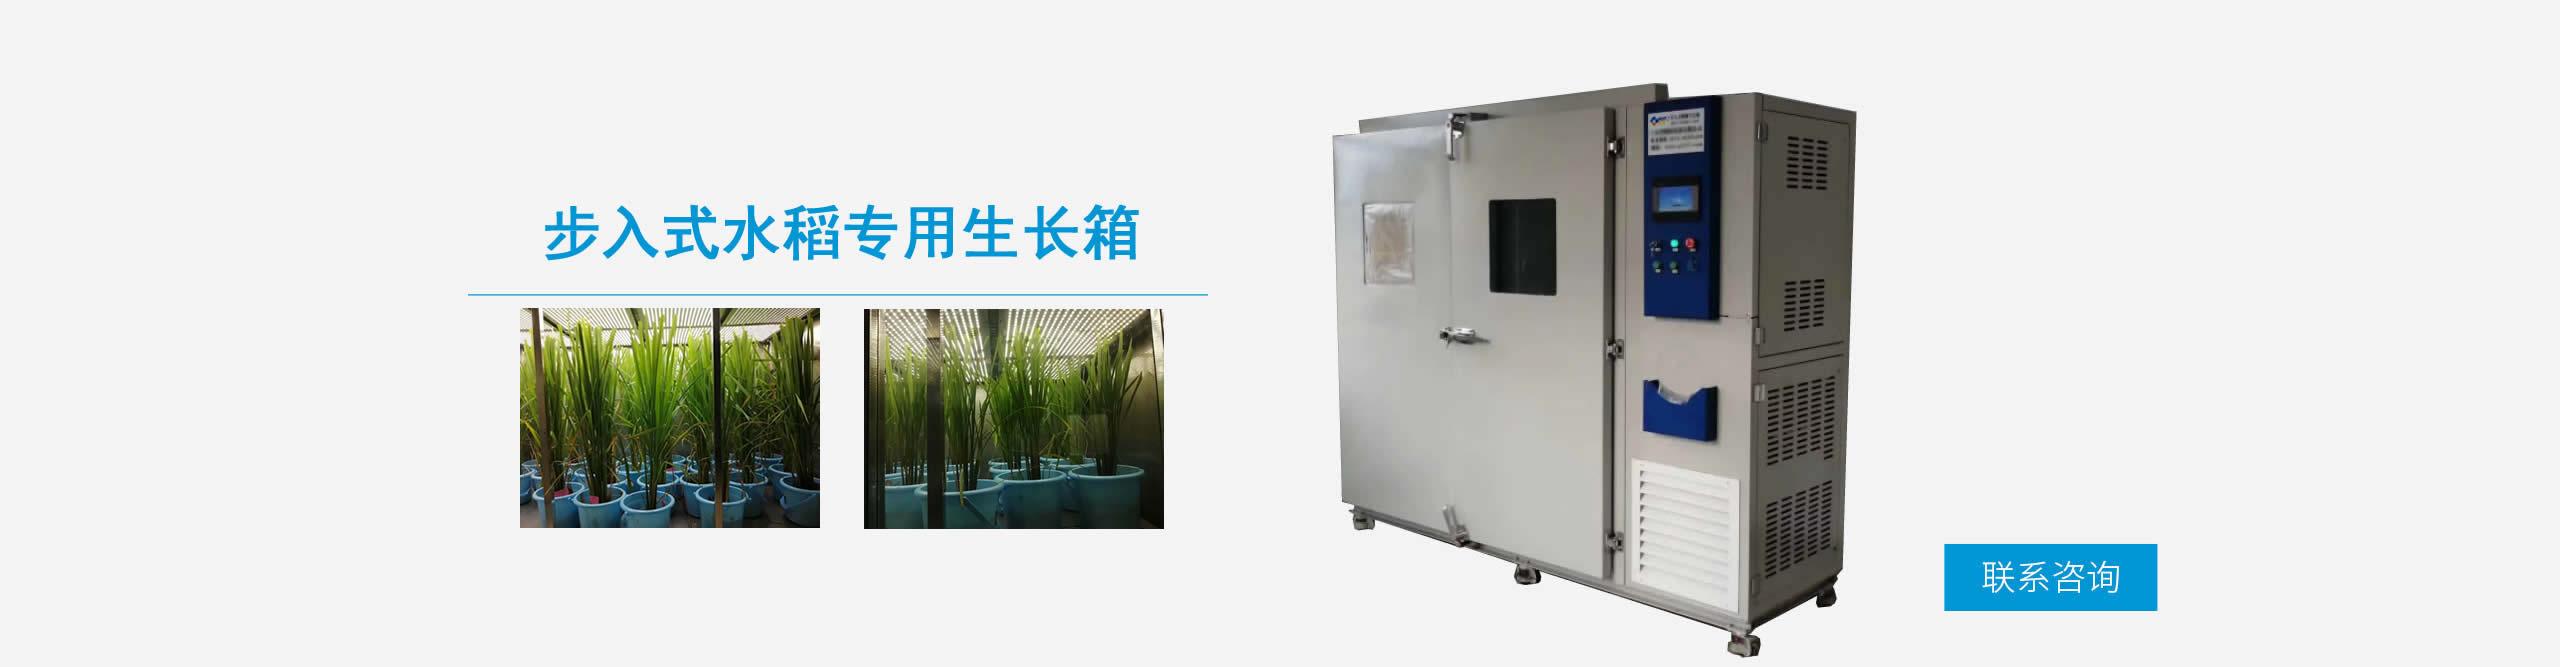 步入式水稻专用生长箱